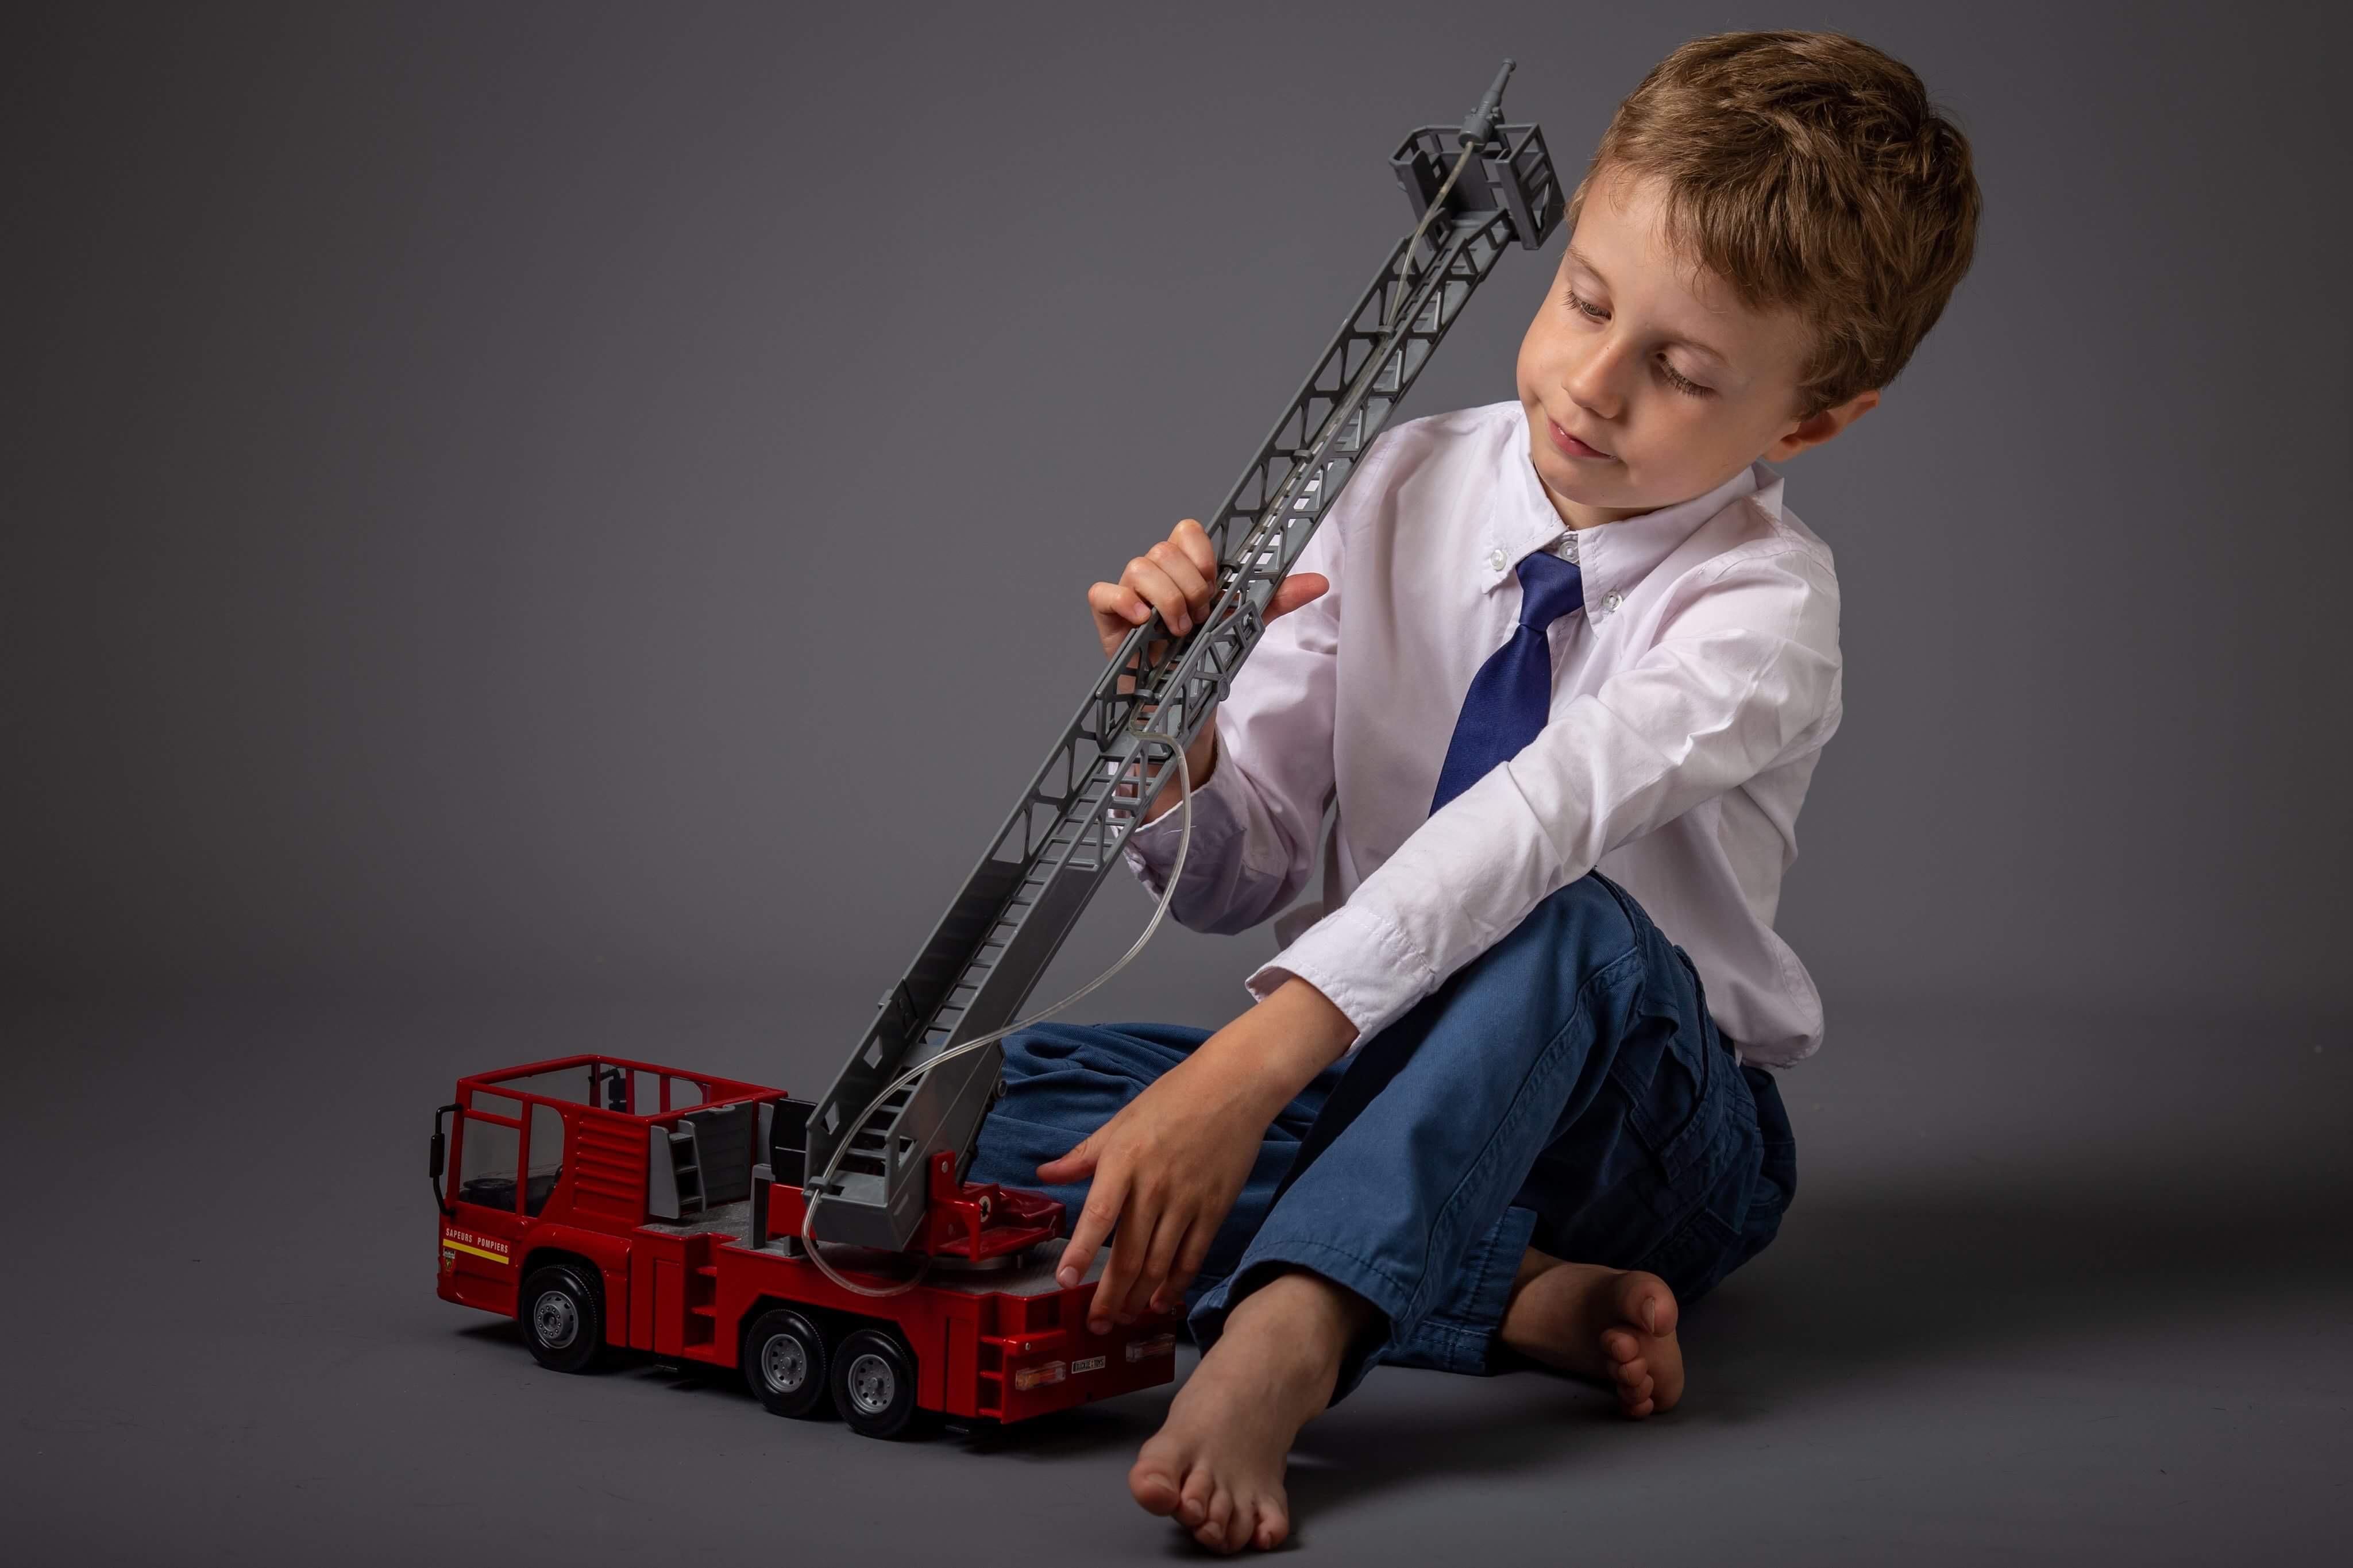 Il joue aux pompiers